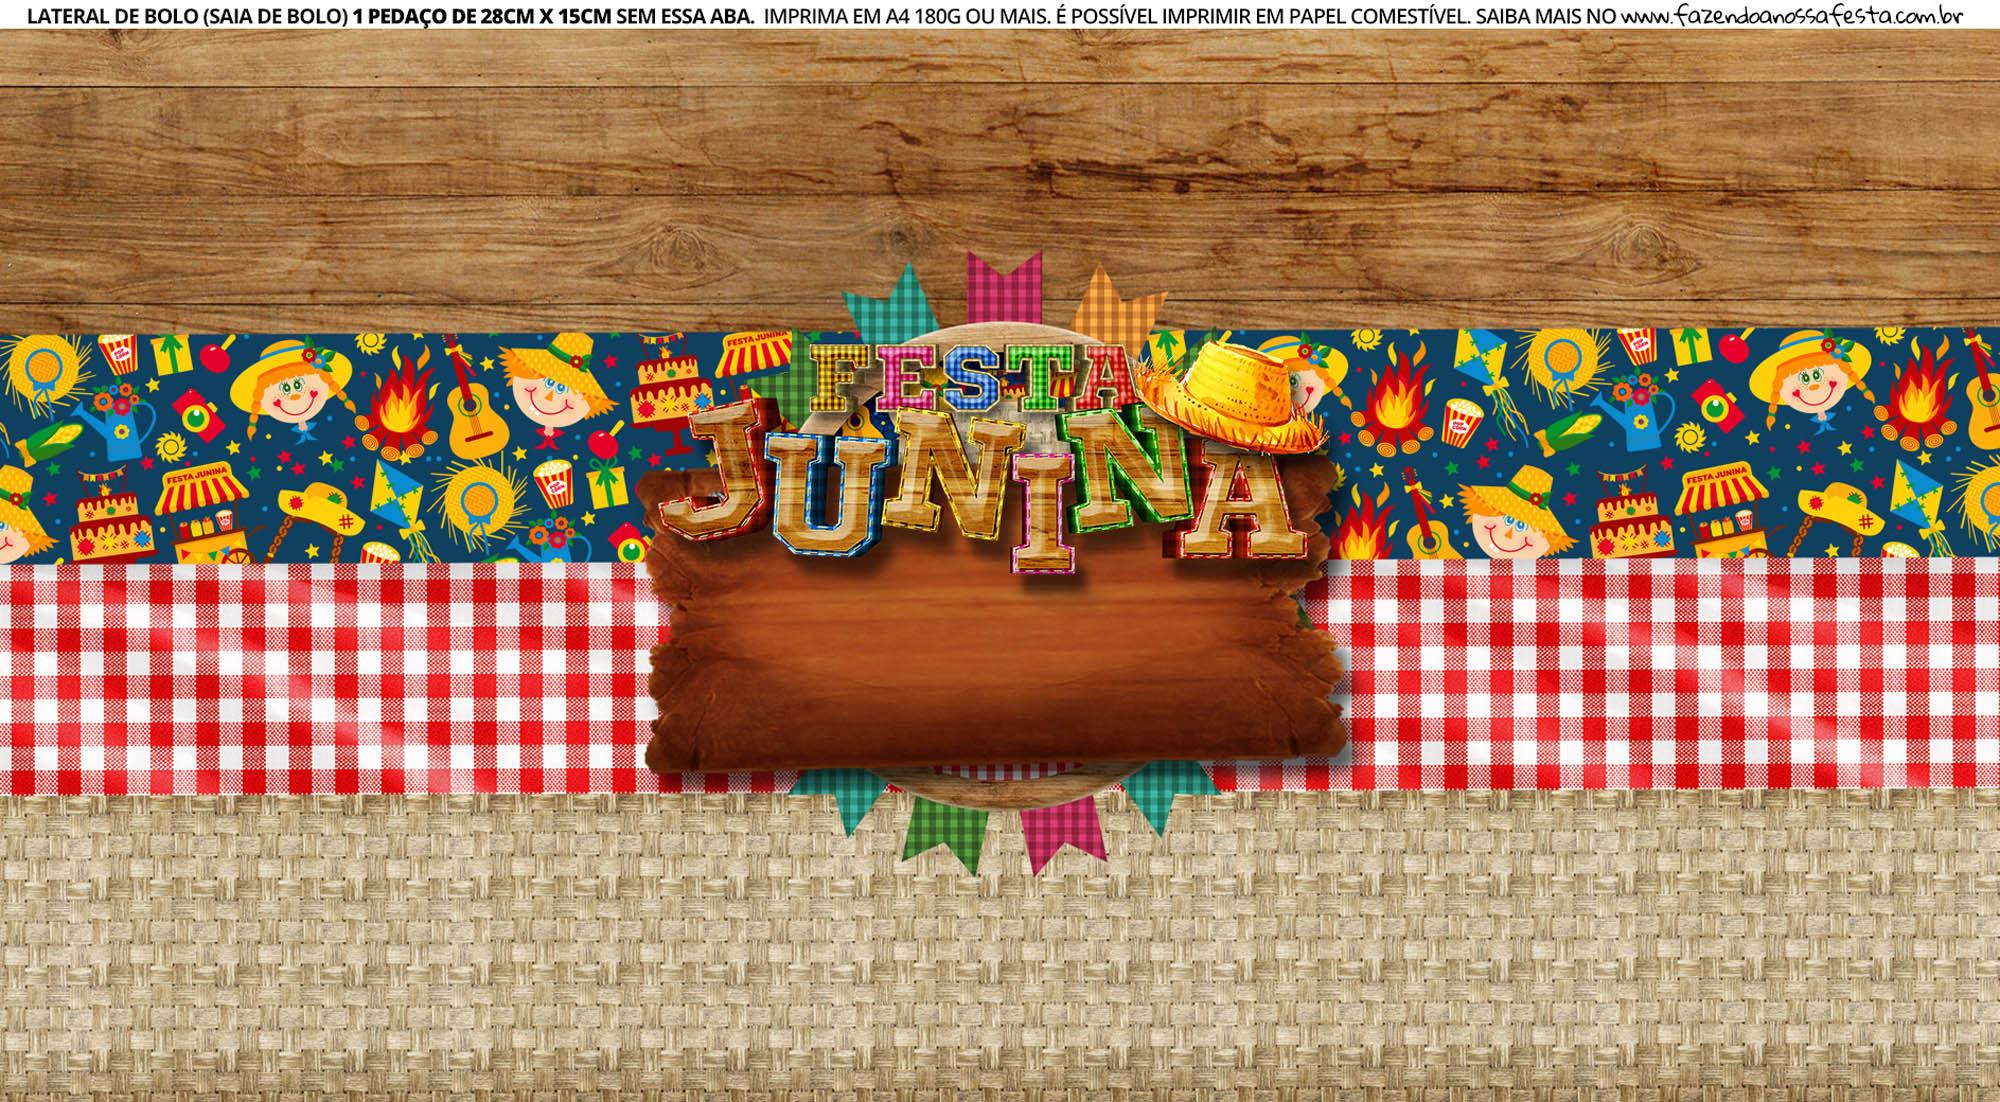 Faixa Lateral de Bolo Festa Junina 6 03